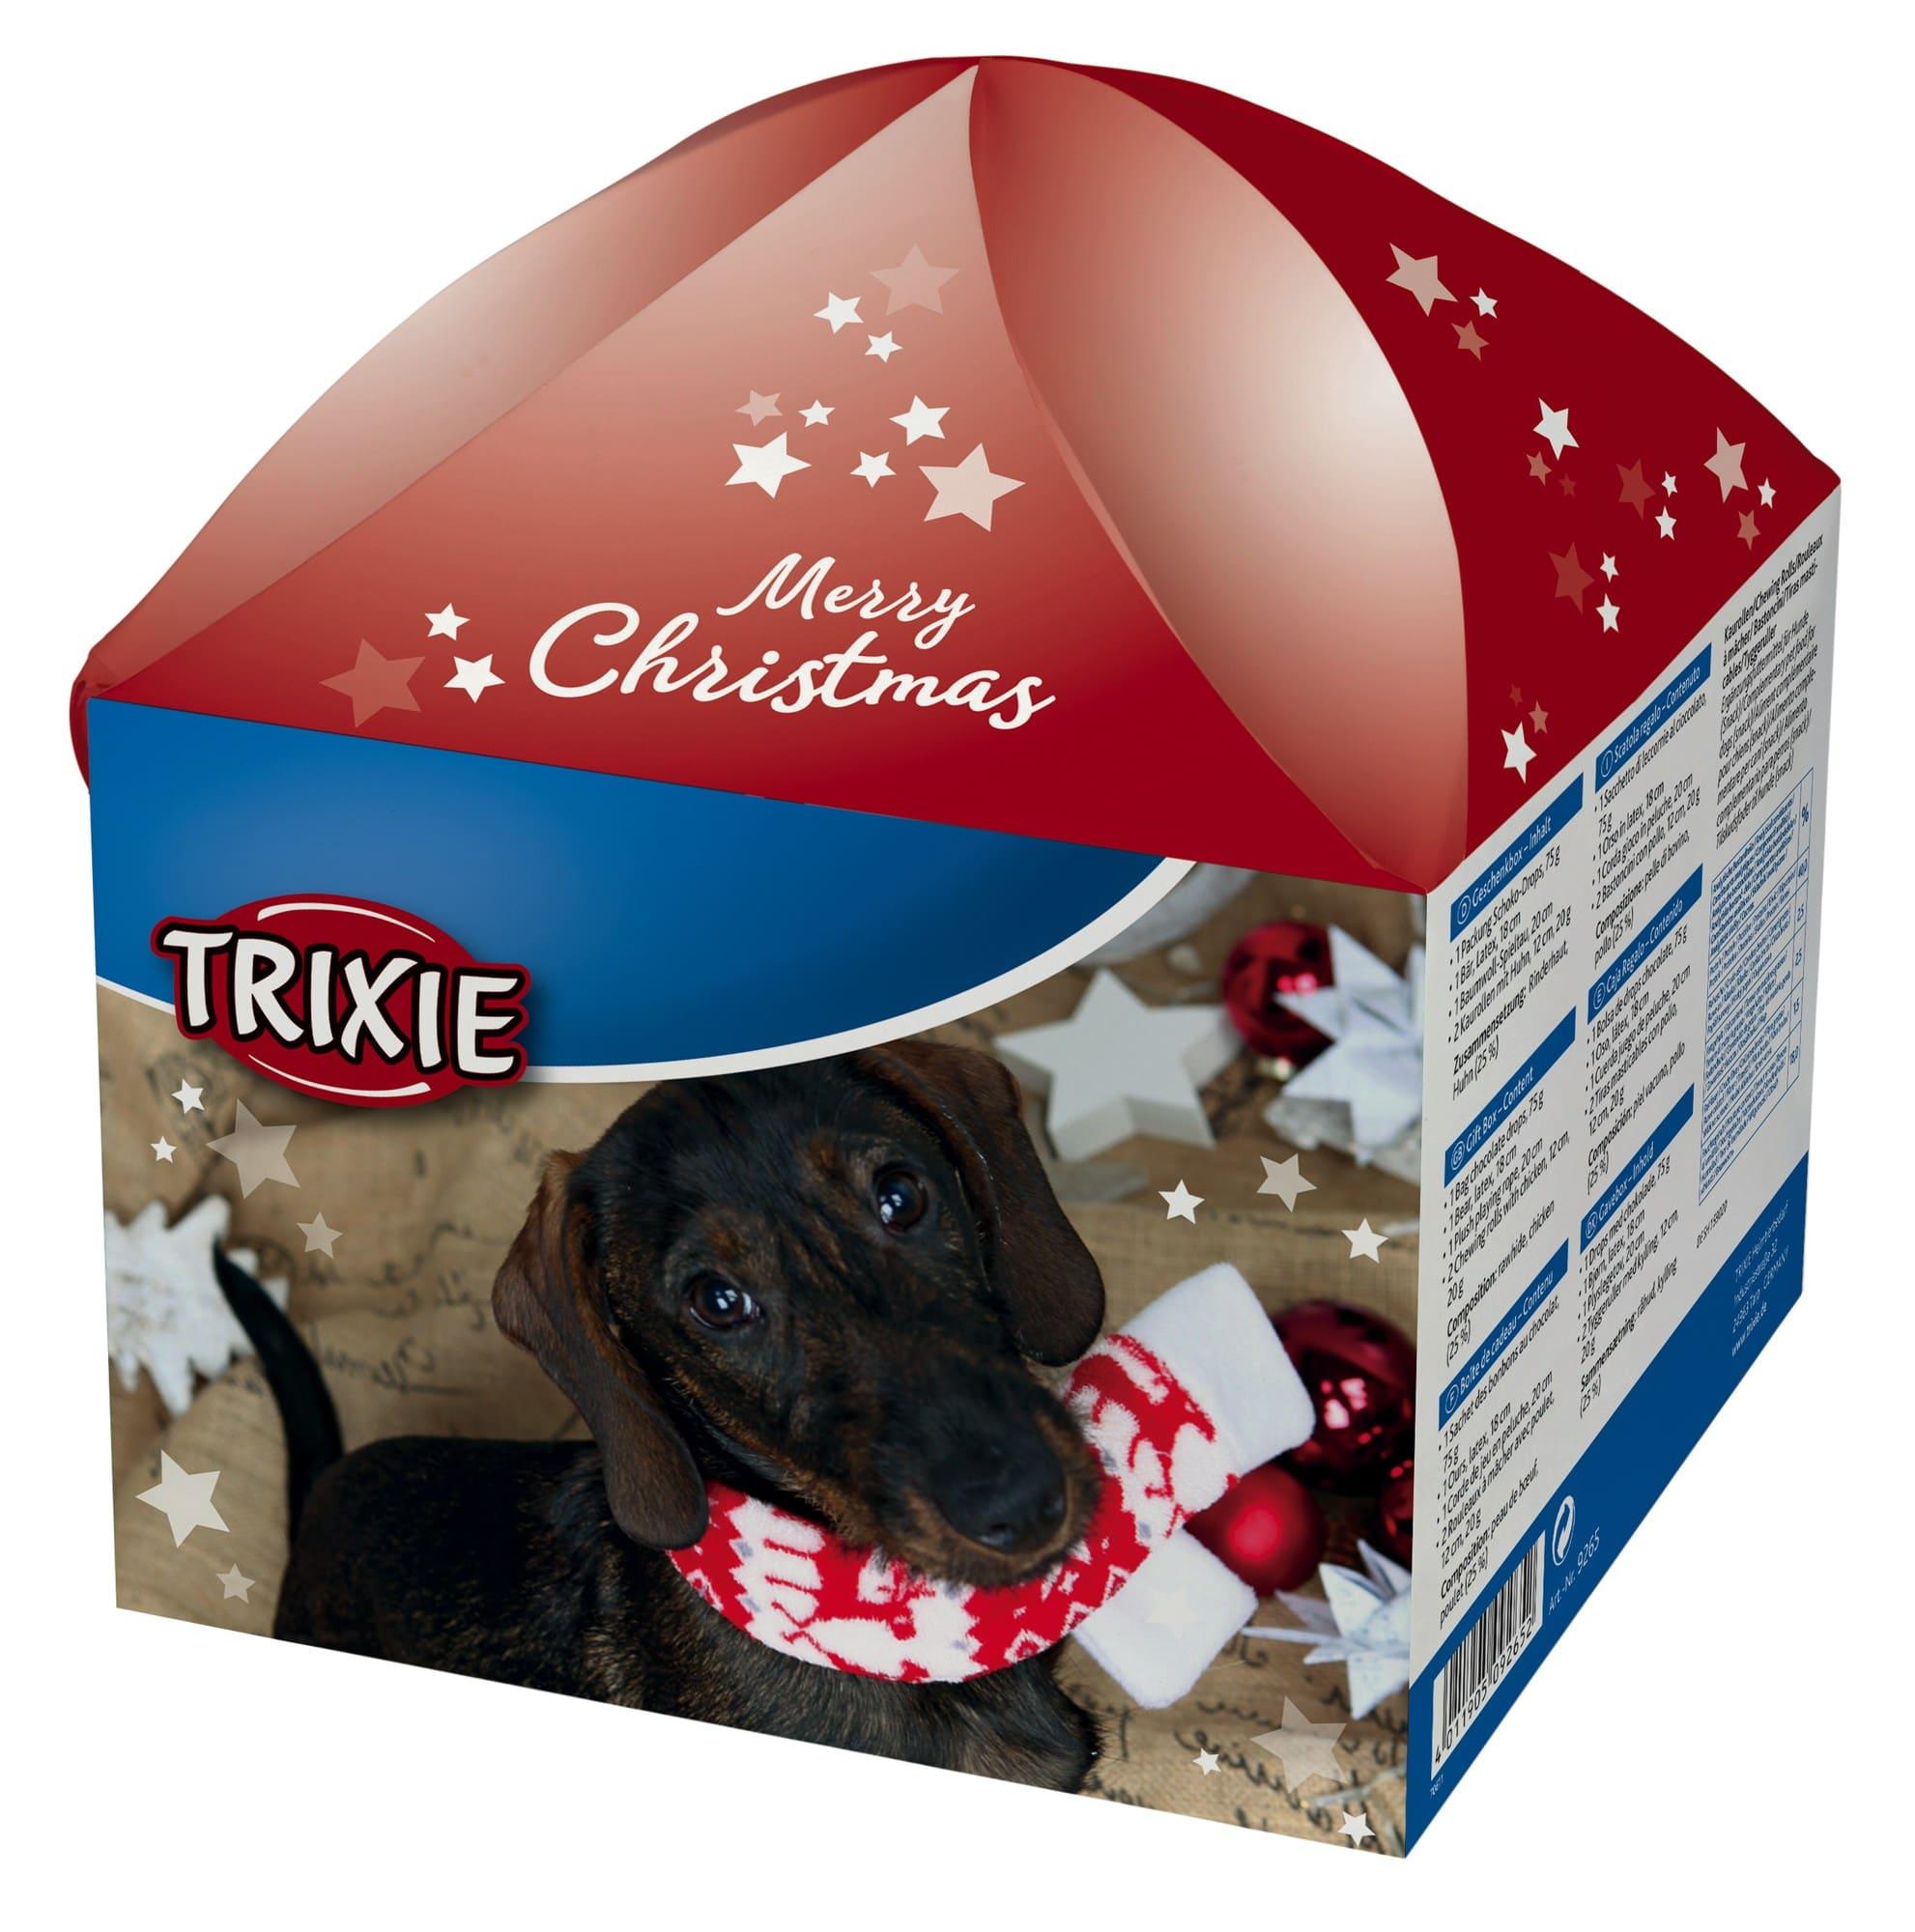 Das ideale Weihnachtsgeschenk für Hund und Halter | ZOO & Co.